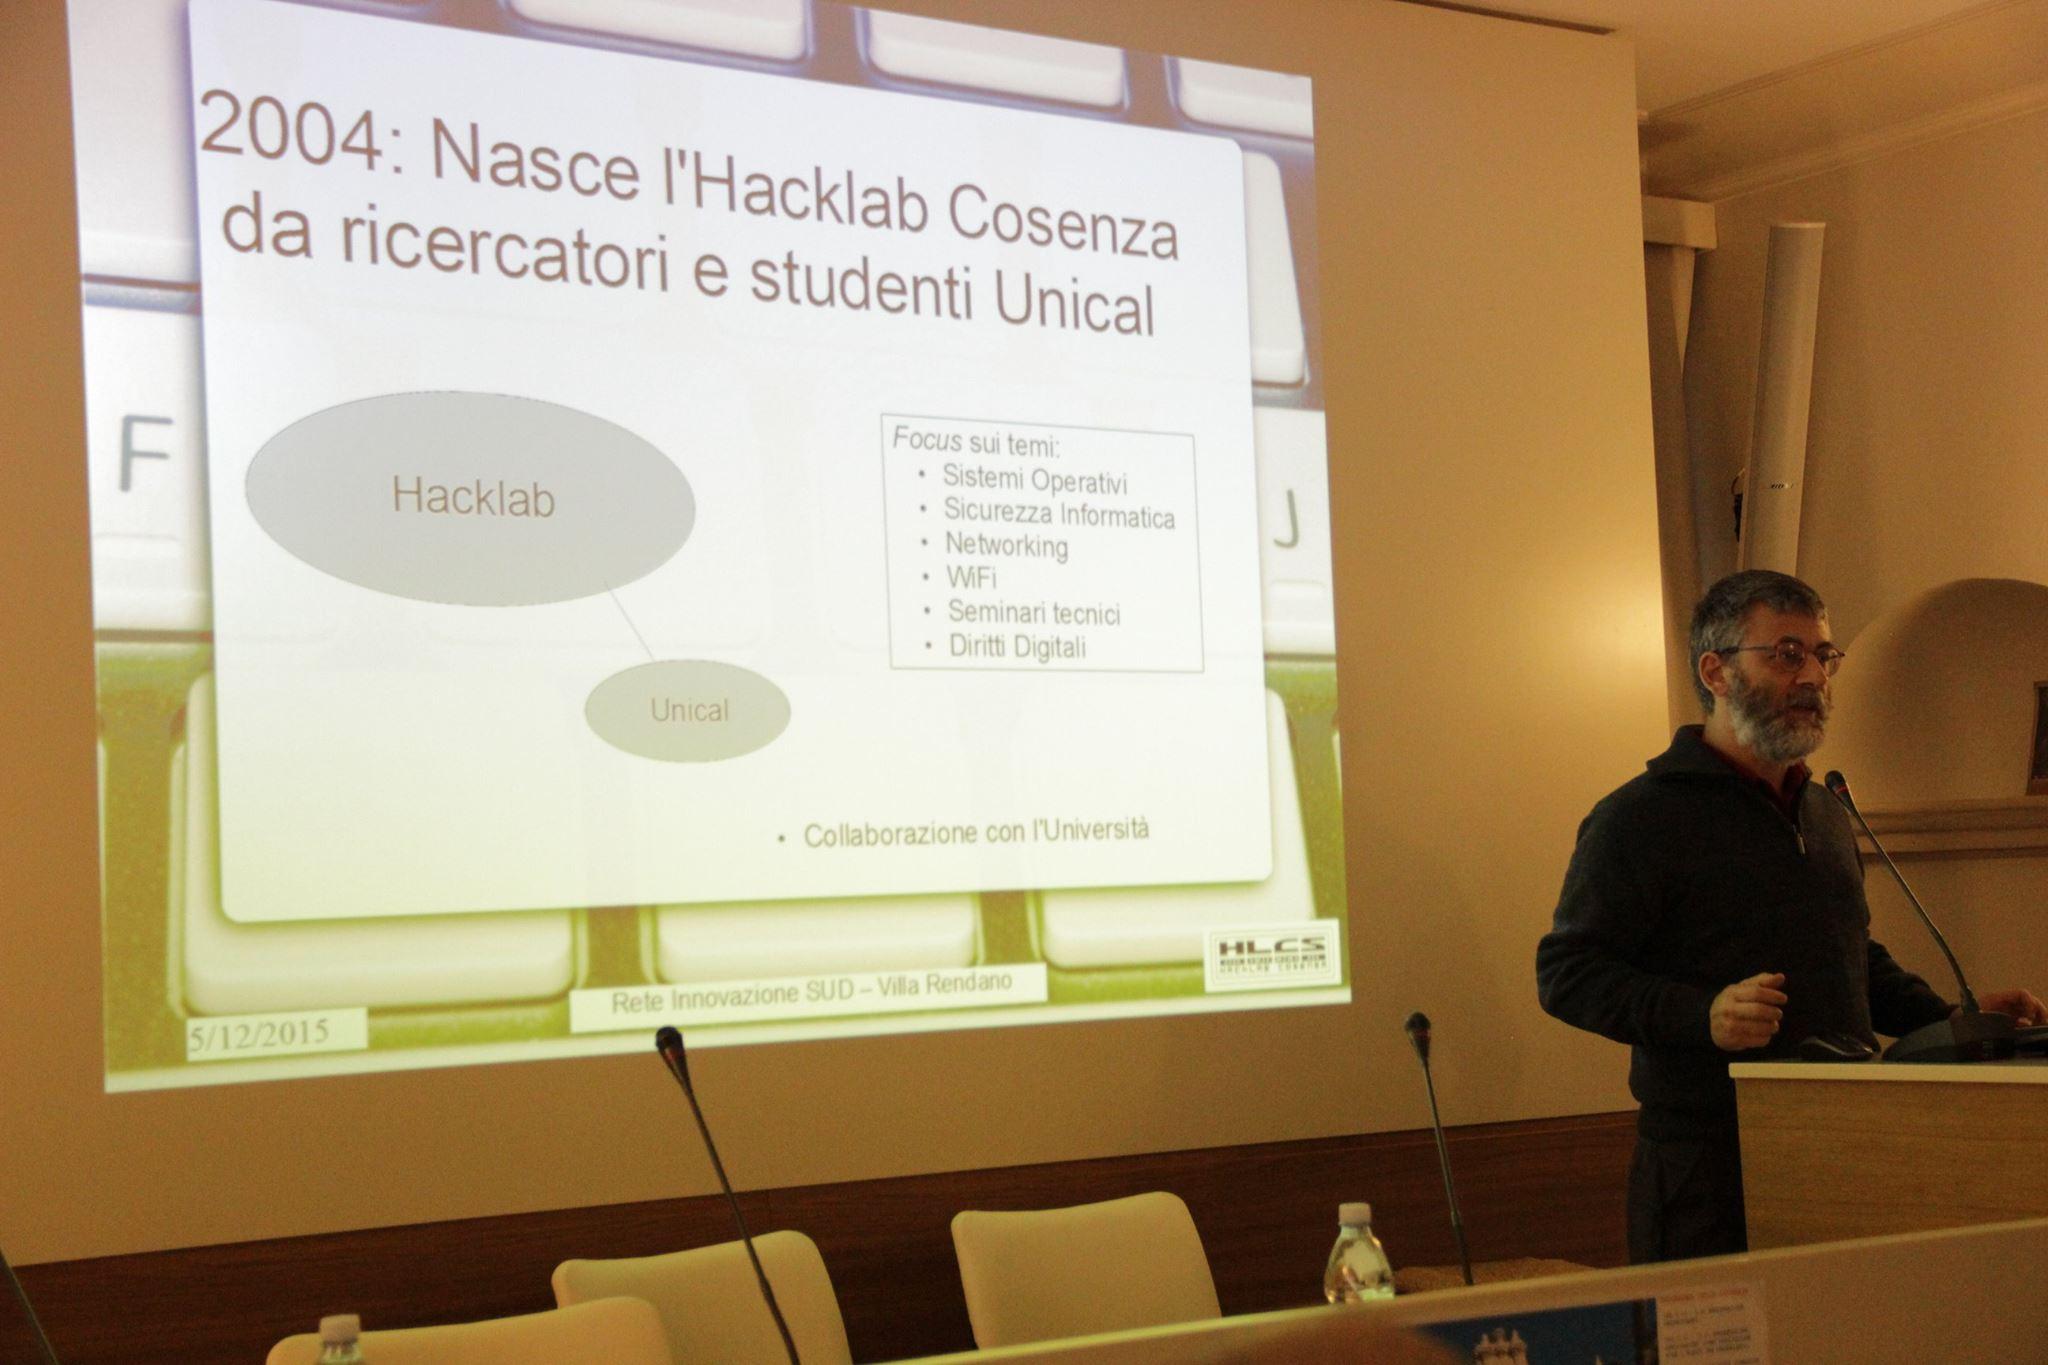 Il Presidente di Hacklab Cosenza Vincenzo Bruno illustra brevemente le attività dell'associazione e la sua struttura.